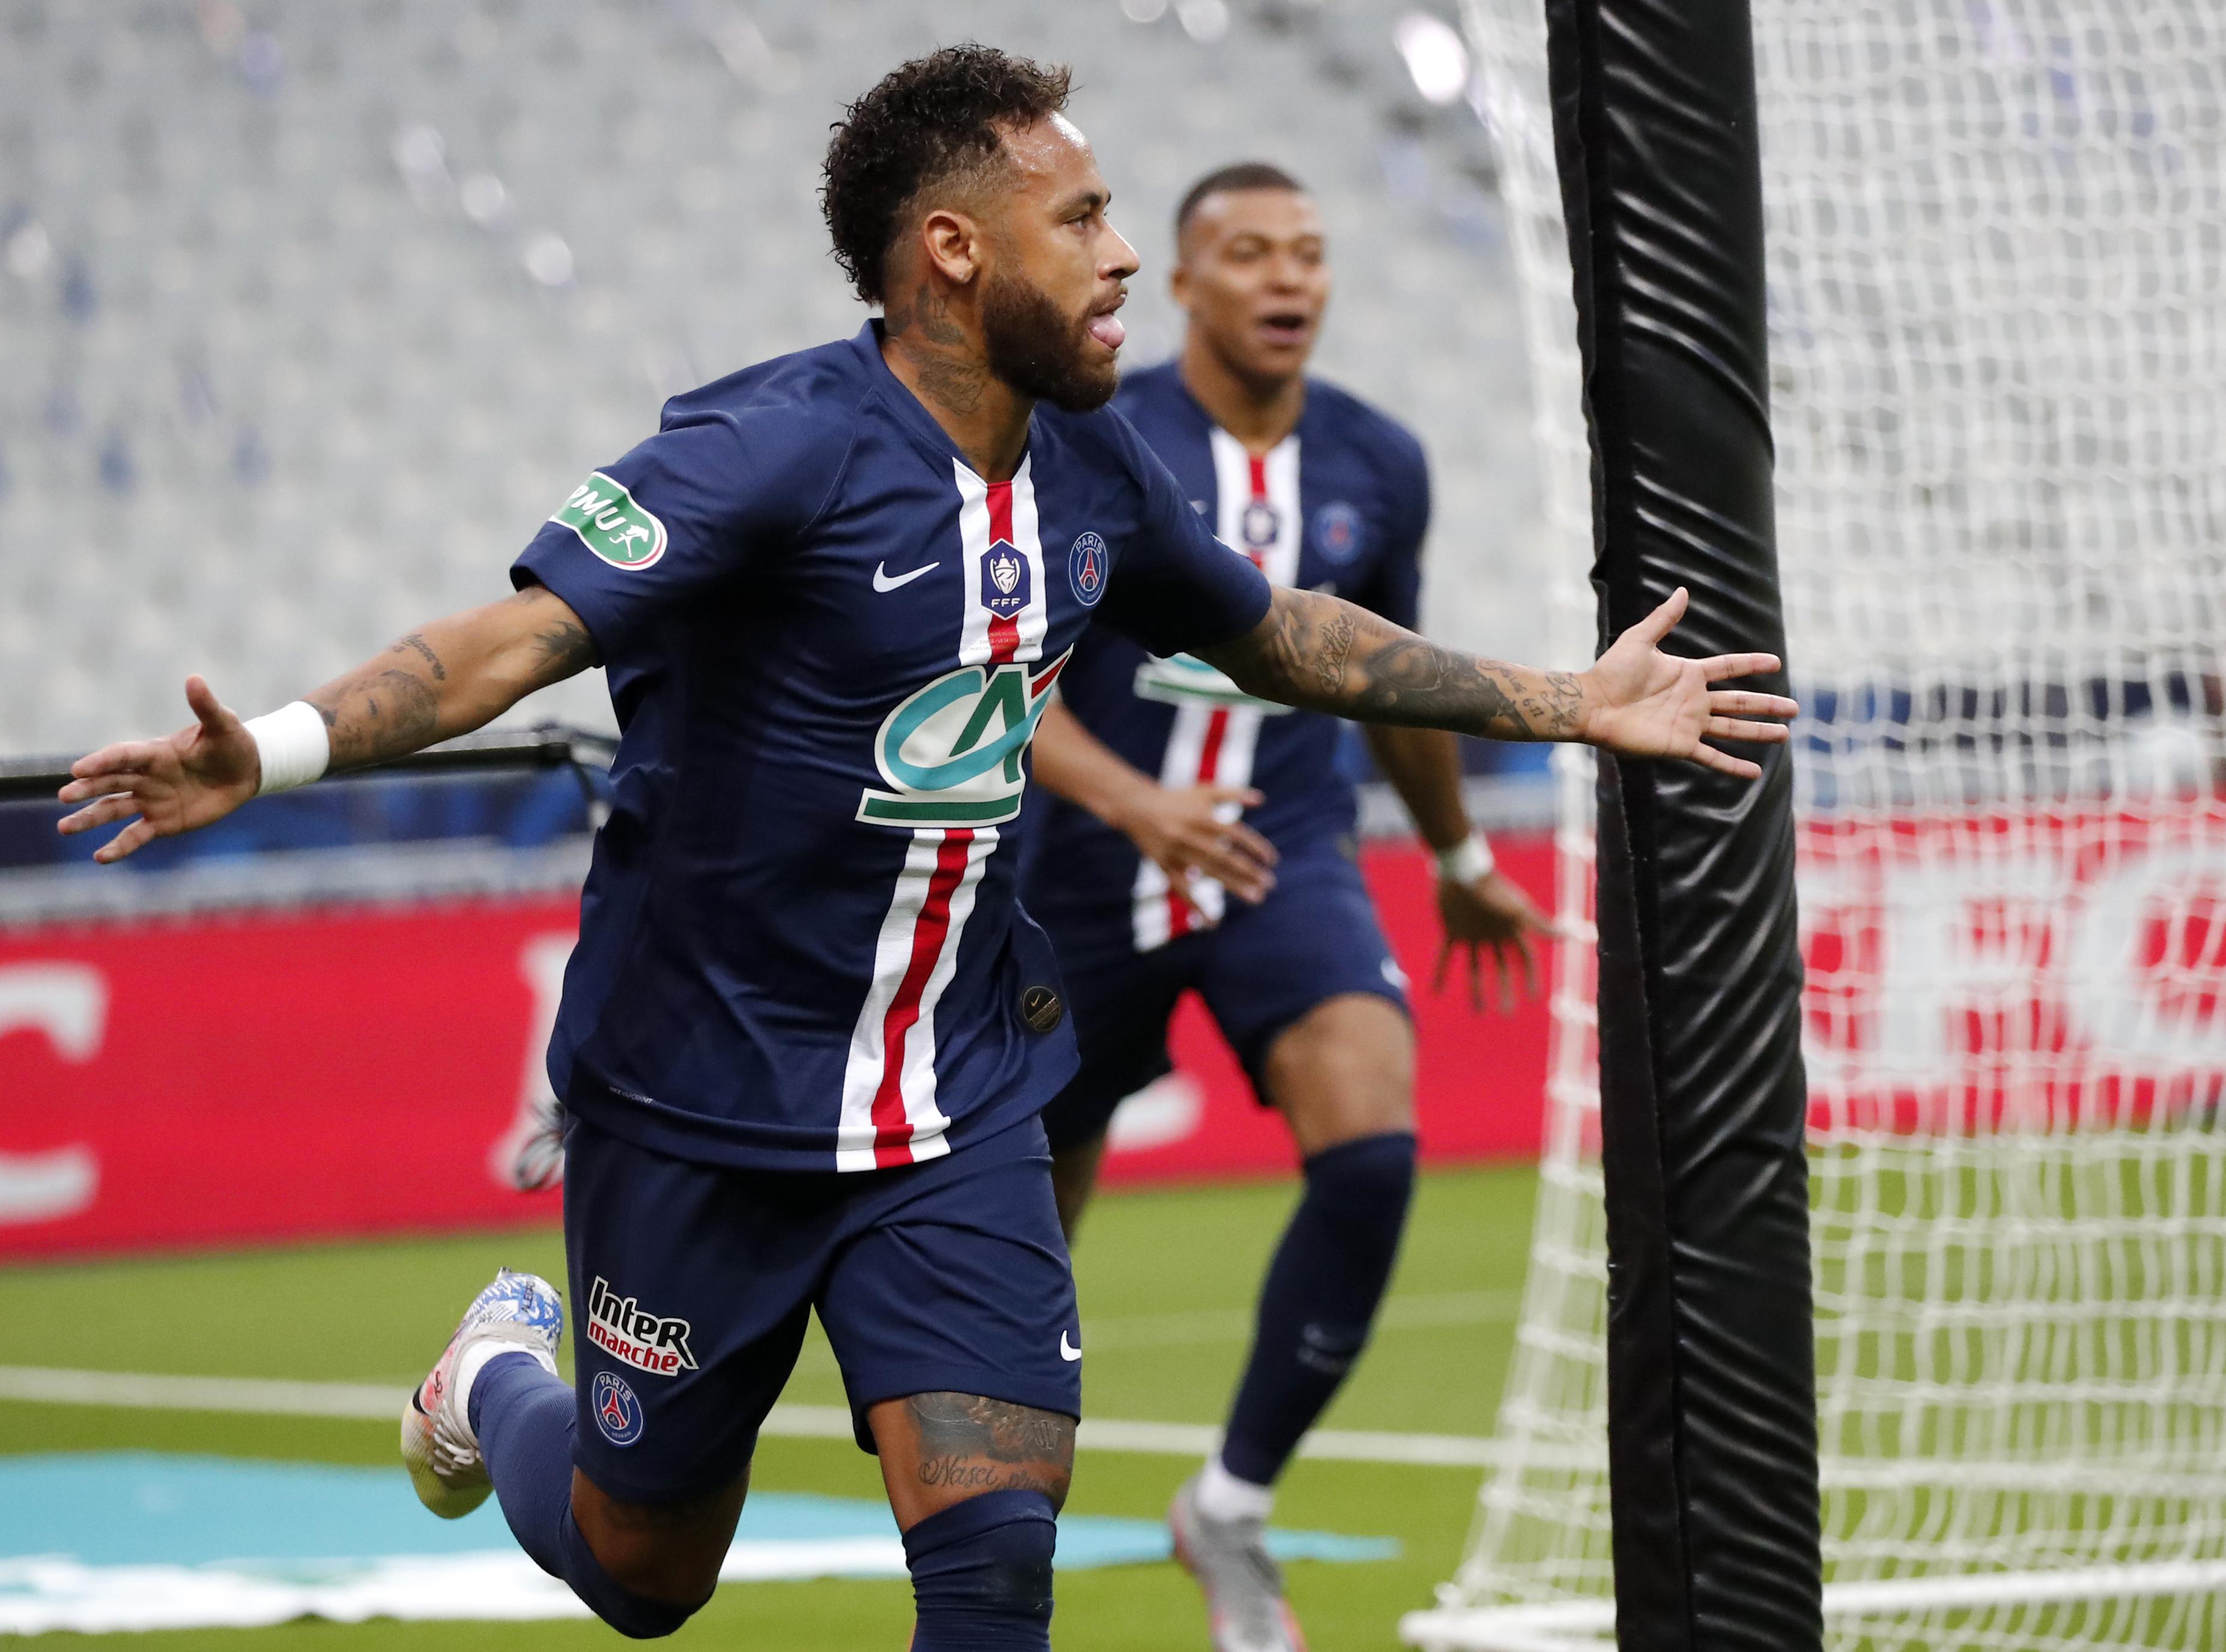 Psg Vs Lyon Free Live Stream 7 31 20 Watch Coupe De La Ligue Final Online Time Usa Tv Channel Nj Com